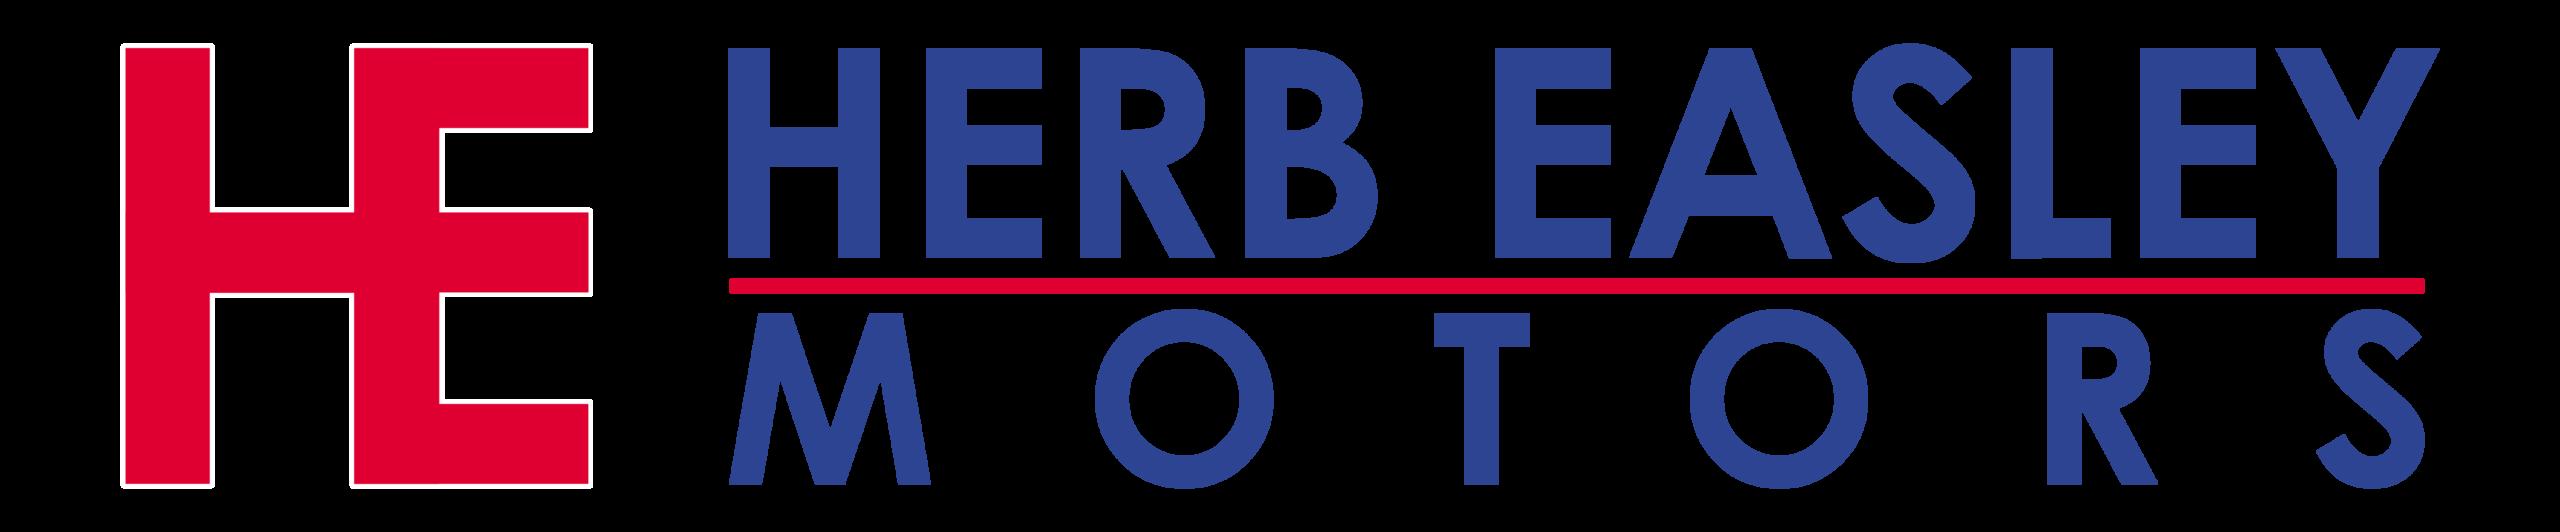 Herb Easley Motors